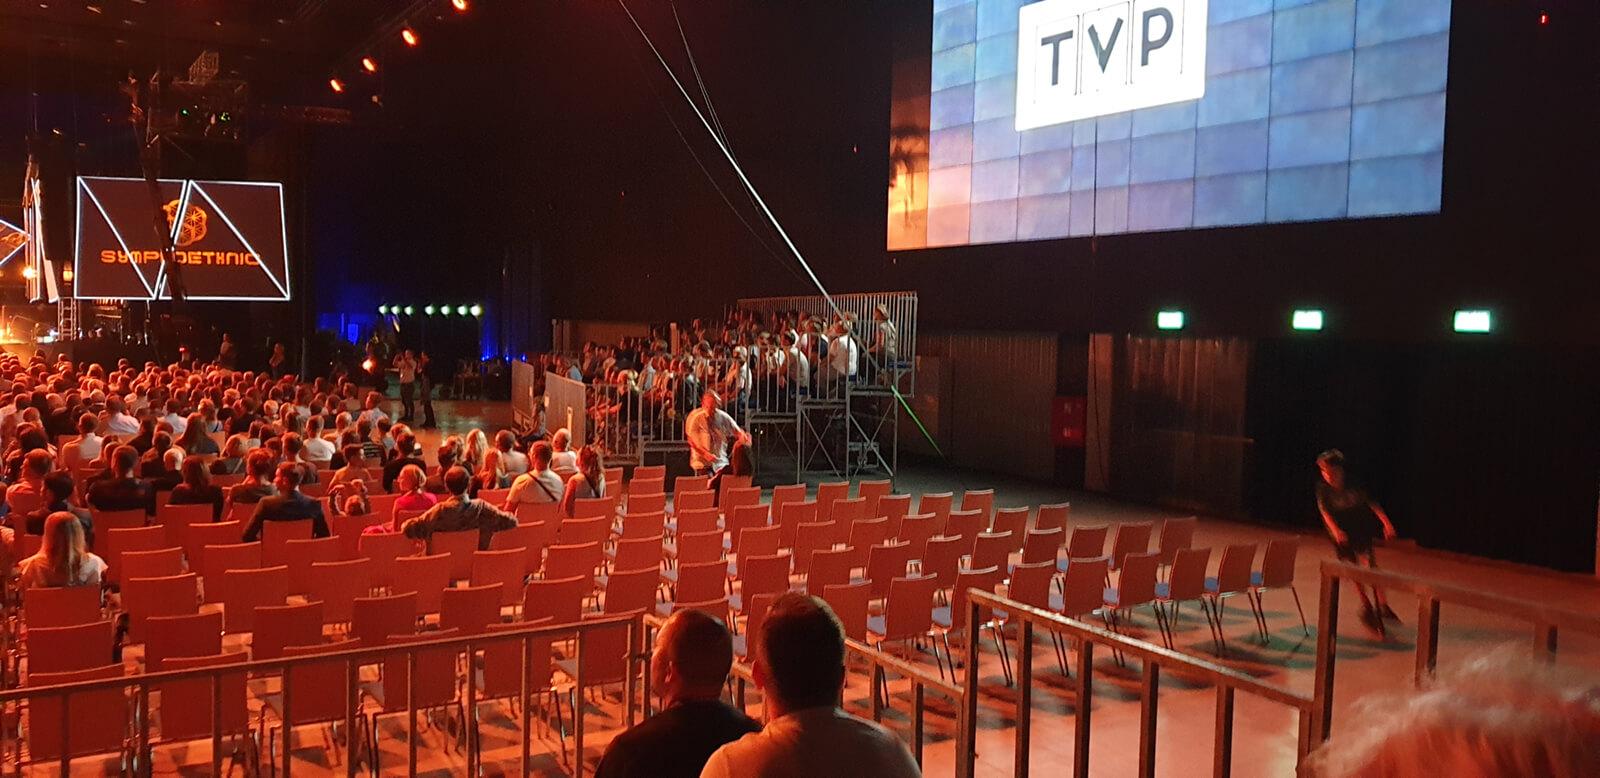 Trybuny sportowe Symphoethnic 2019 Katowice